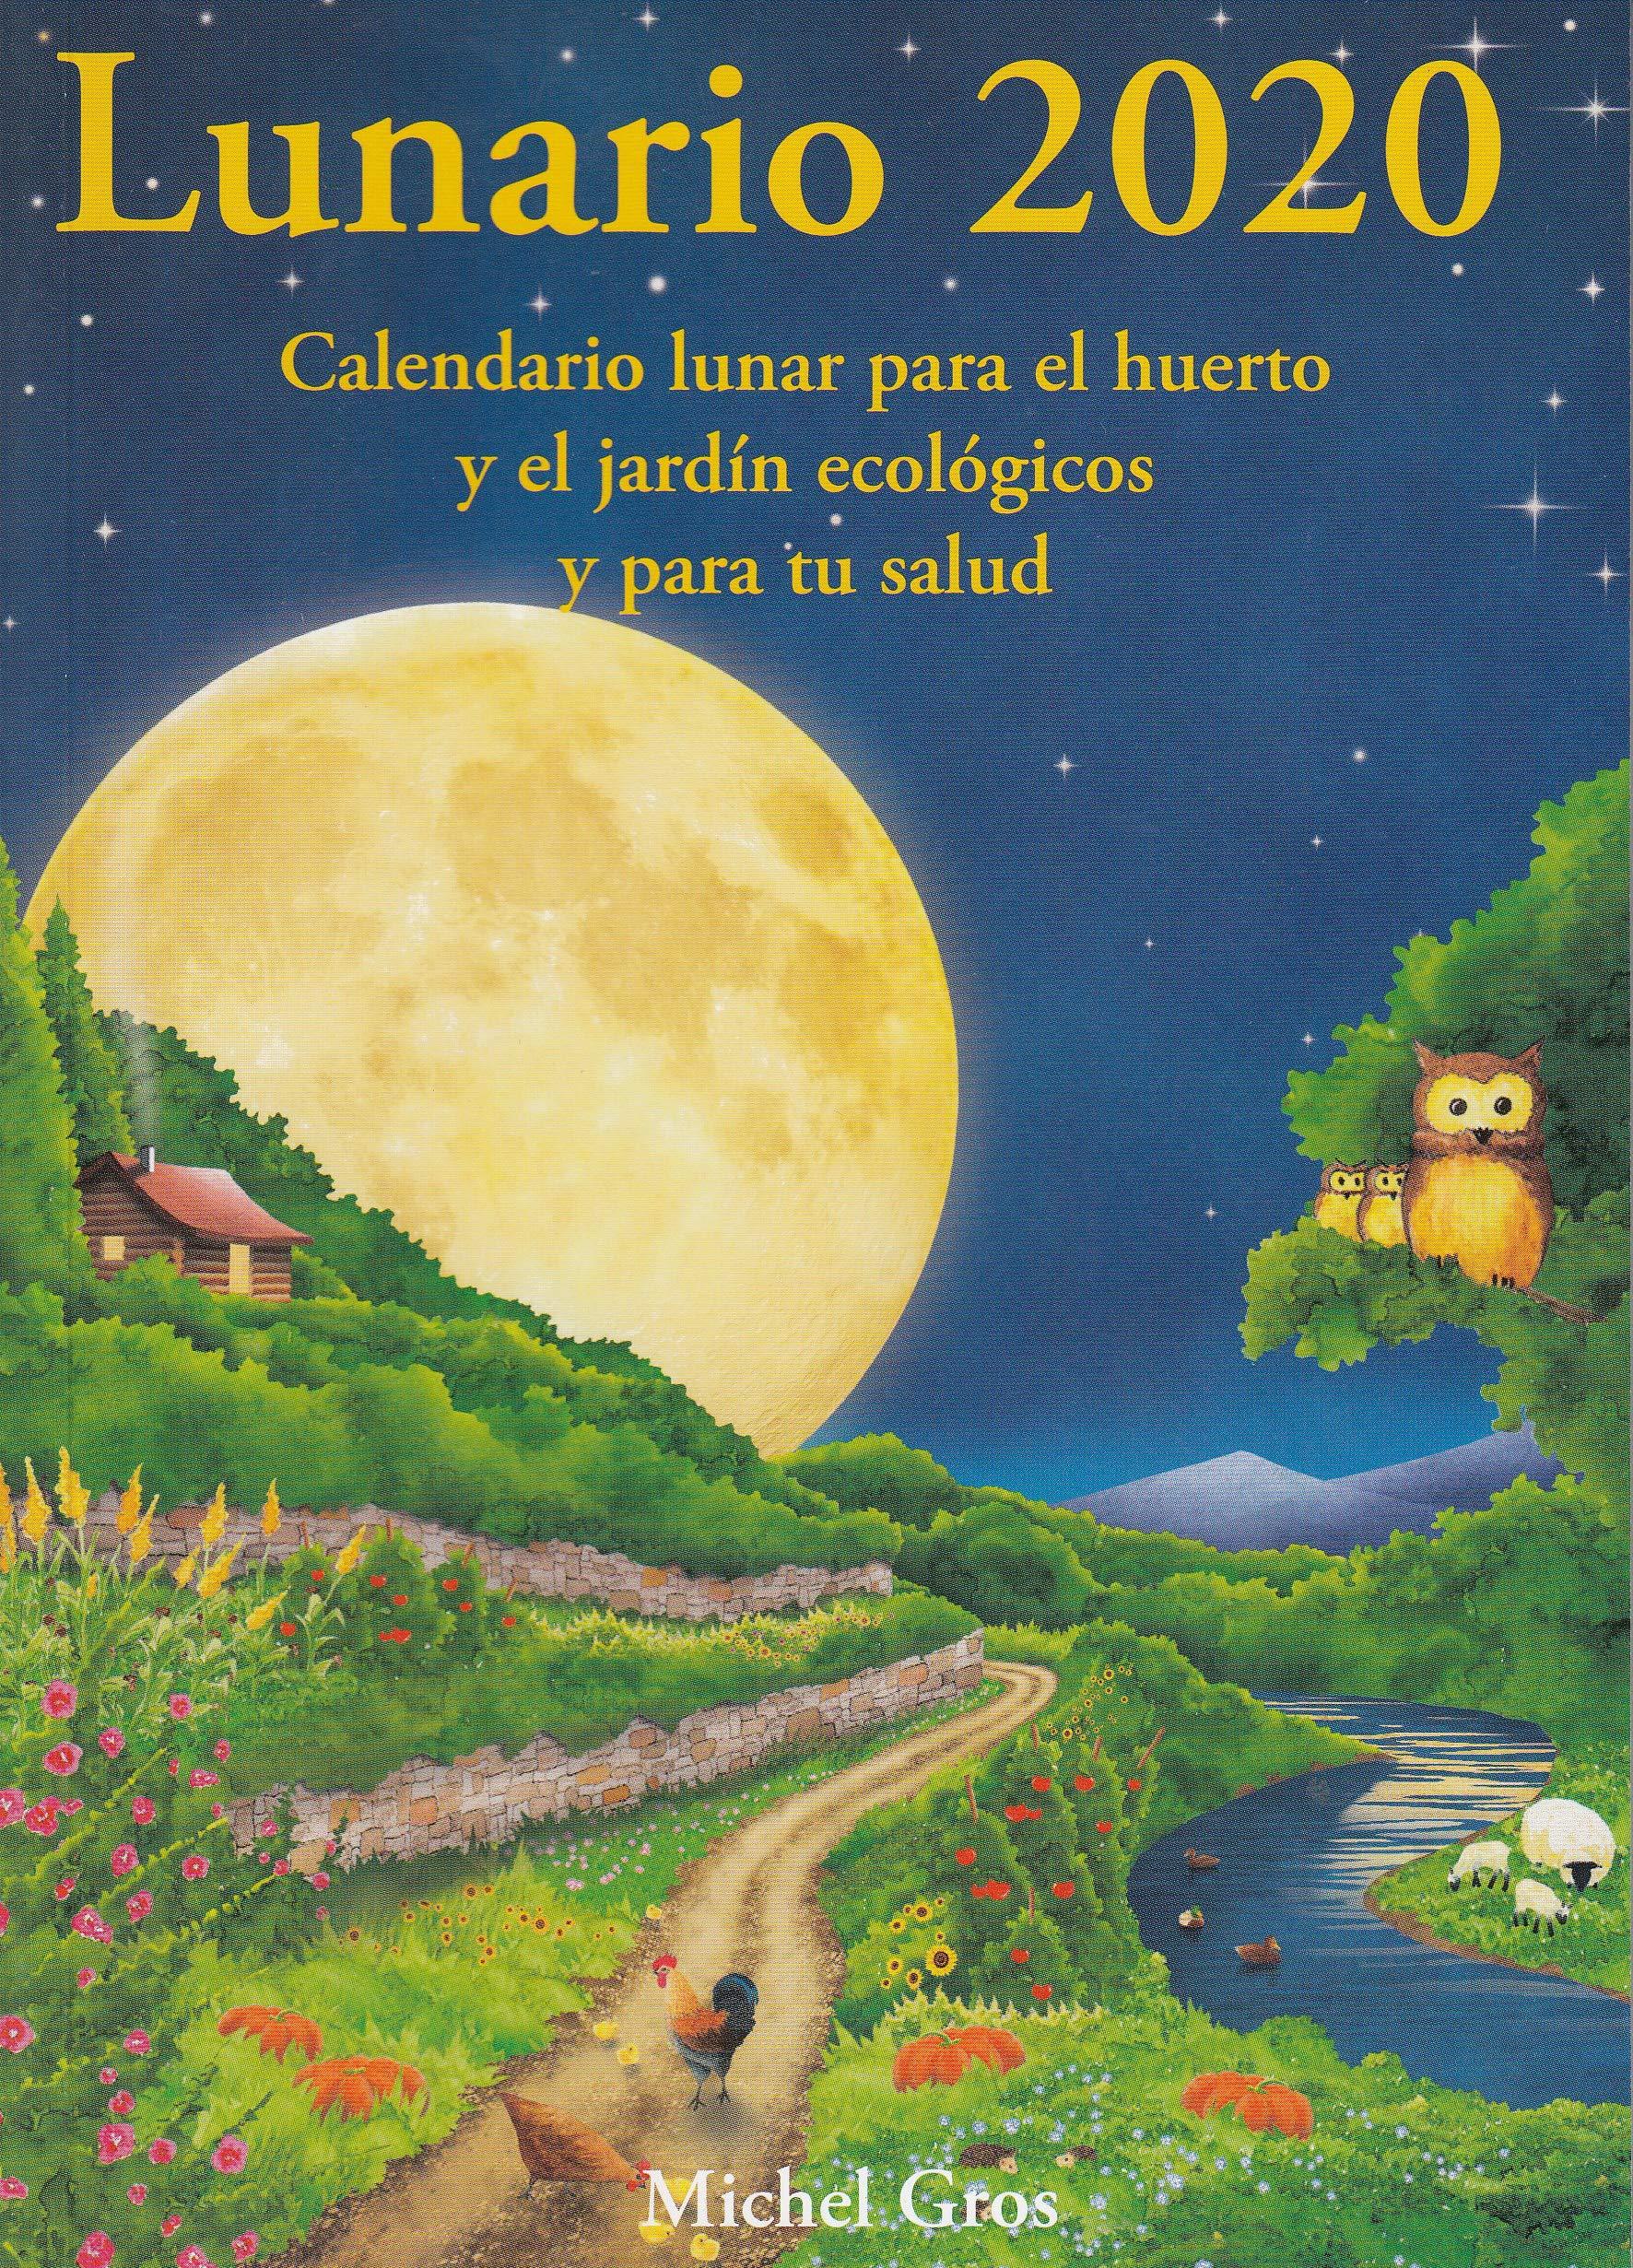 Lunario 2020: Calendario lunar para el huerto: Amazon.es: Gros, Michel, Rehues, Glòria: Libros